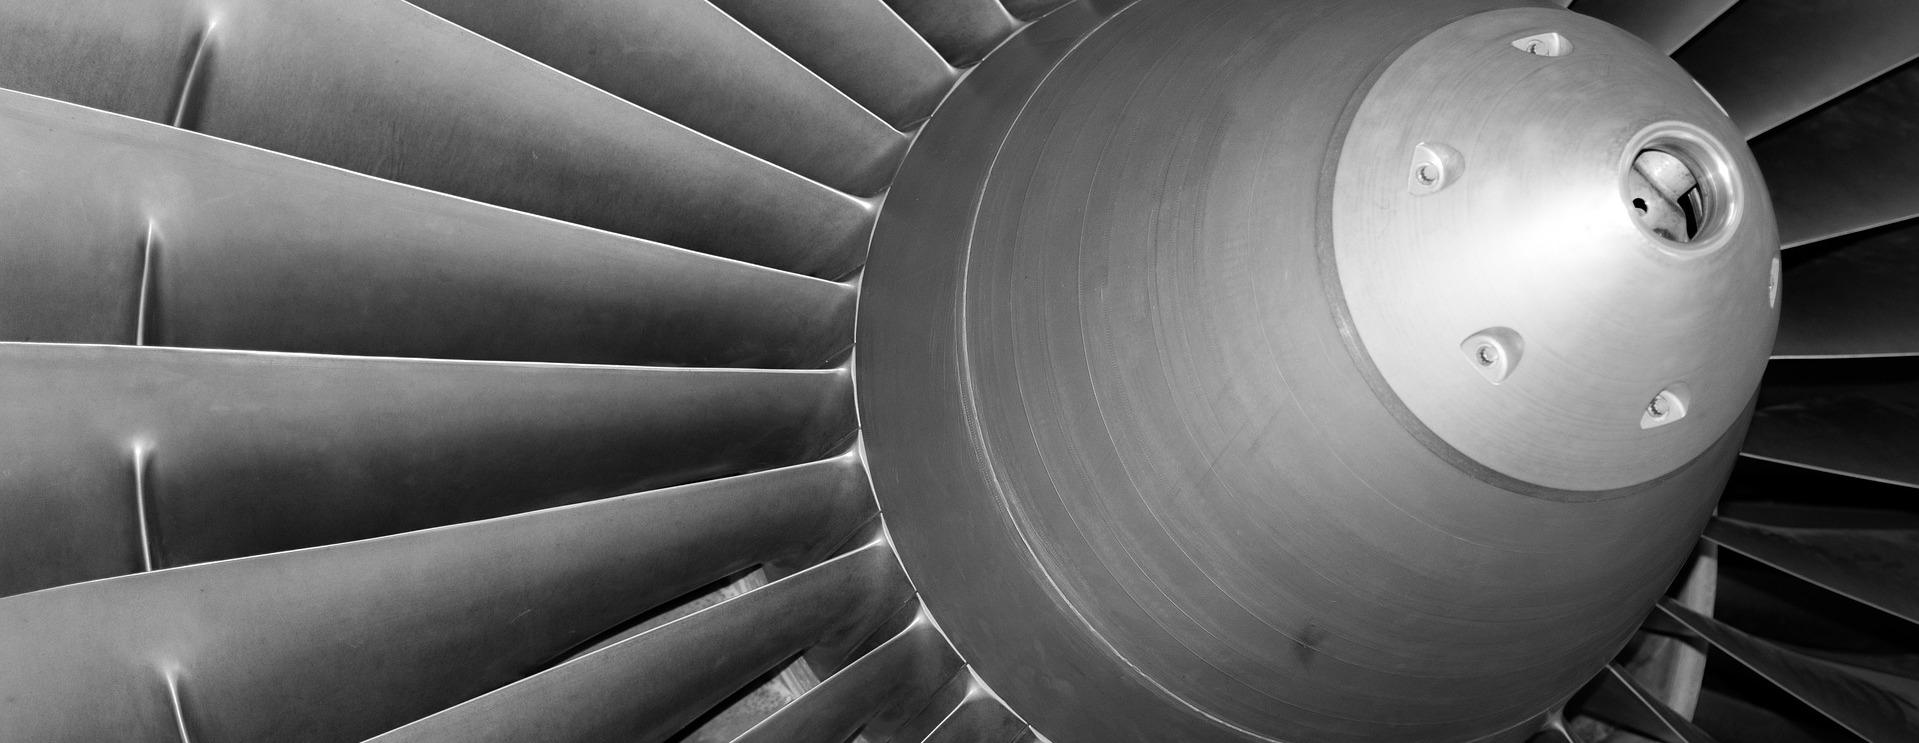 Вертикальной аэродинамической трубе исполнится 80 лет